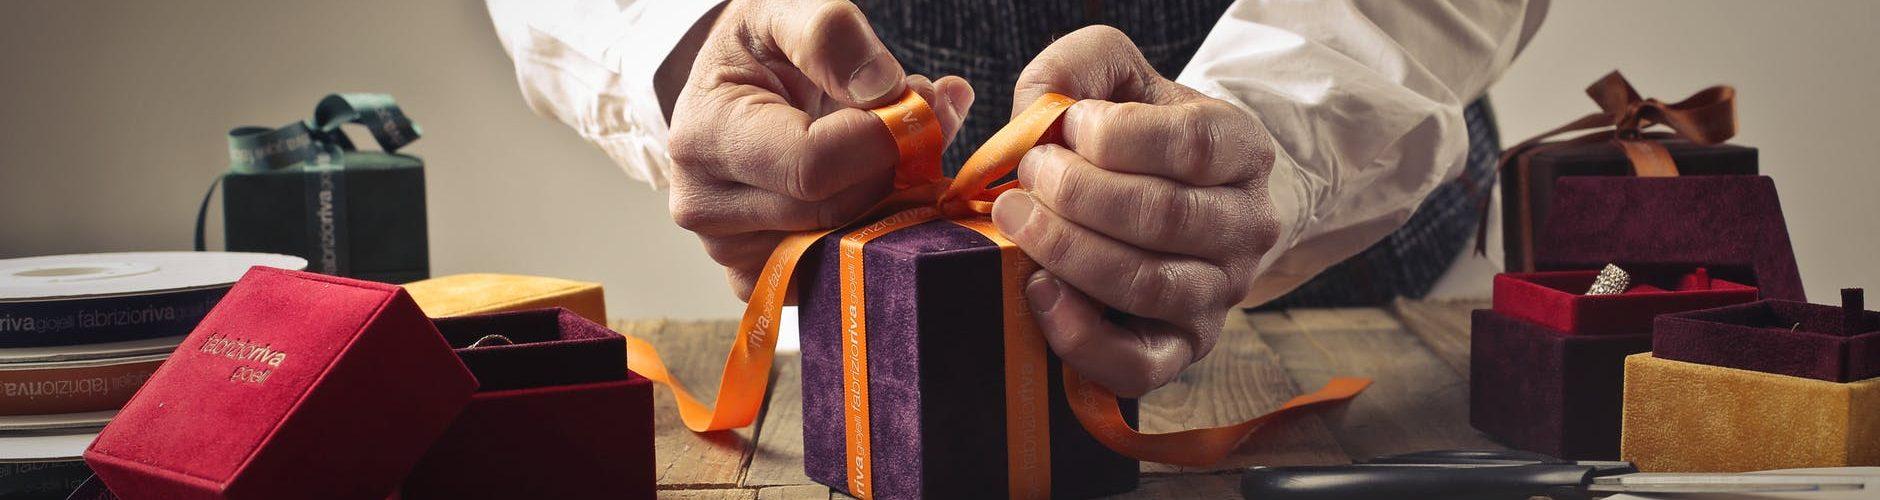 cadeautips voor mannen